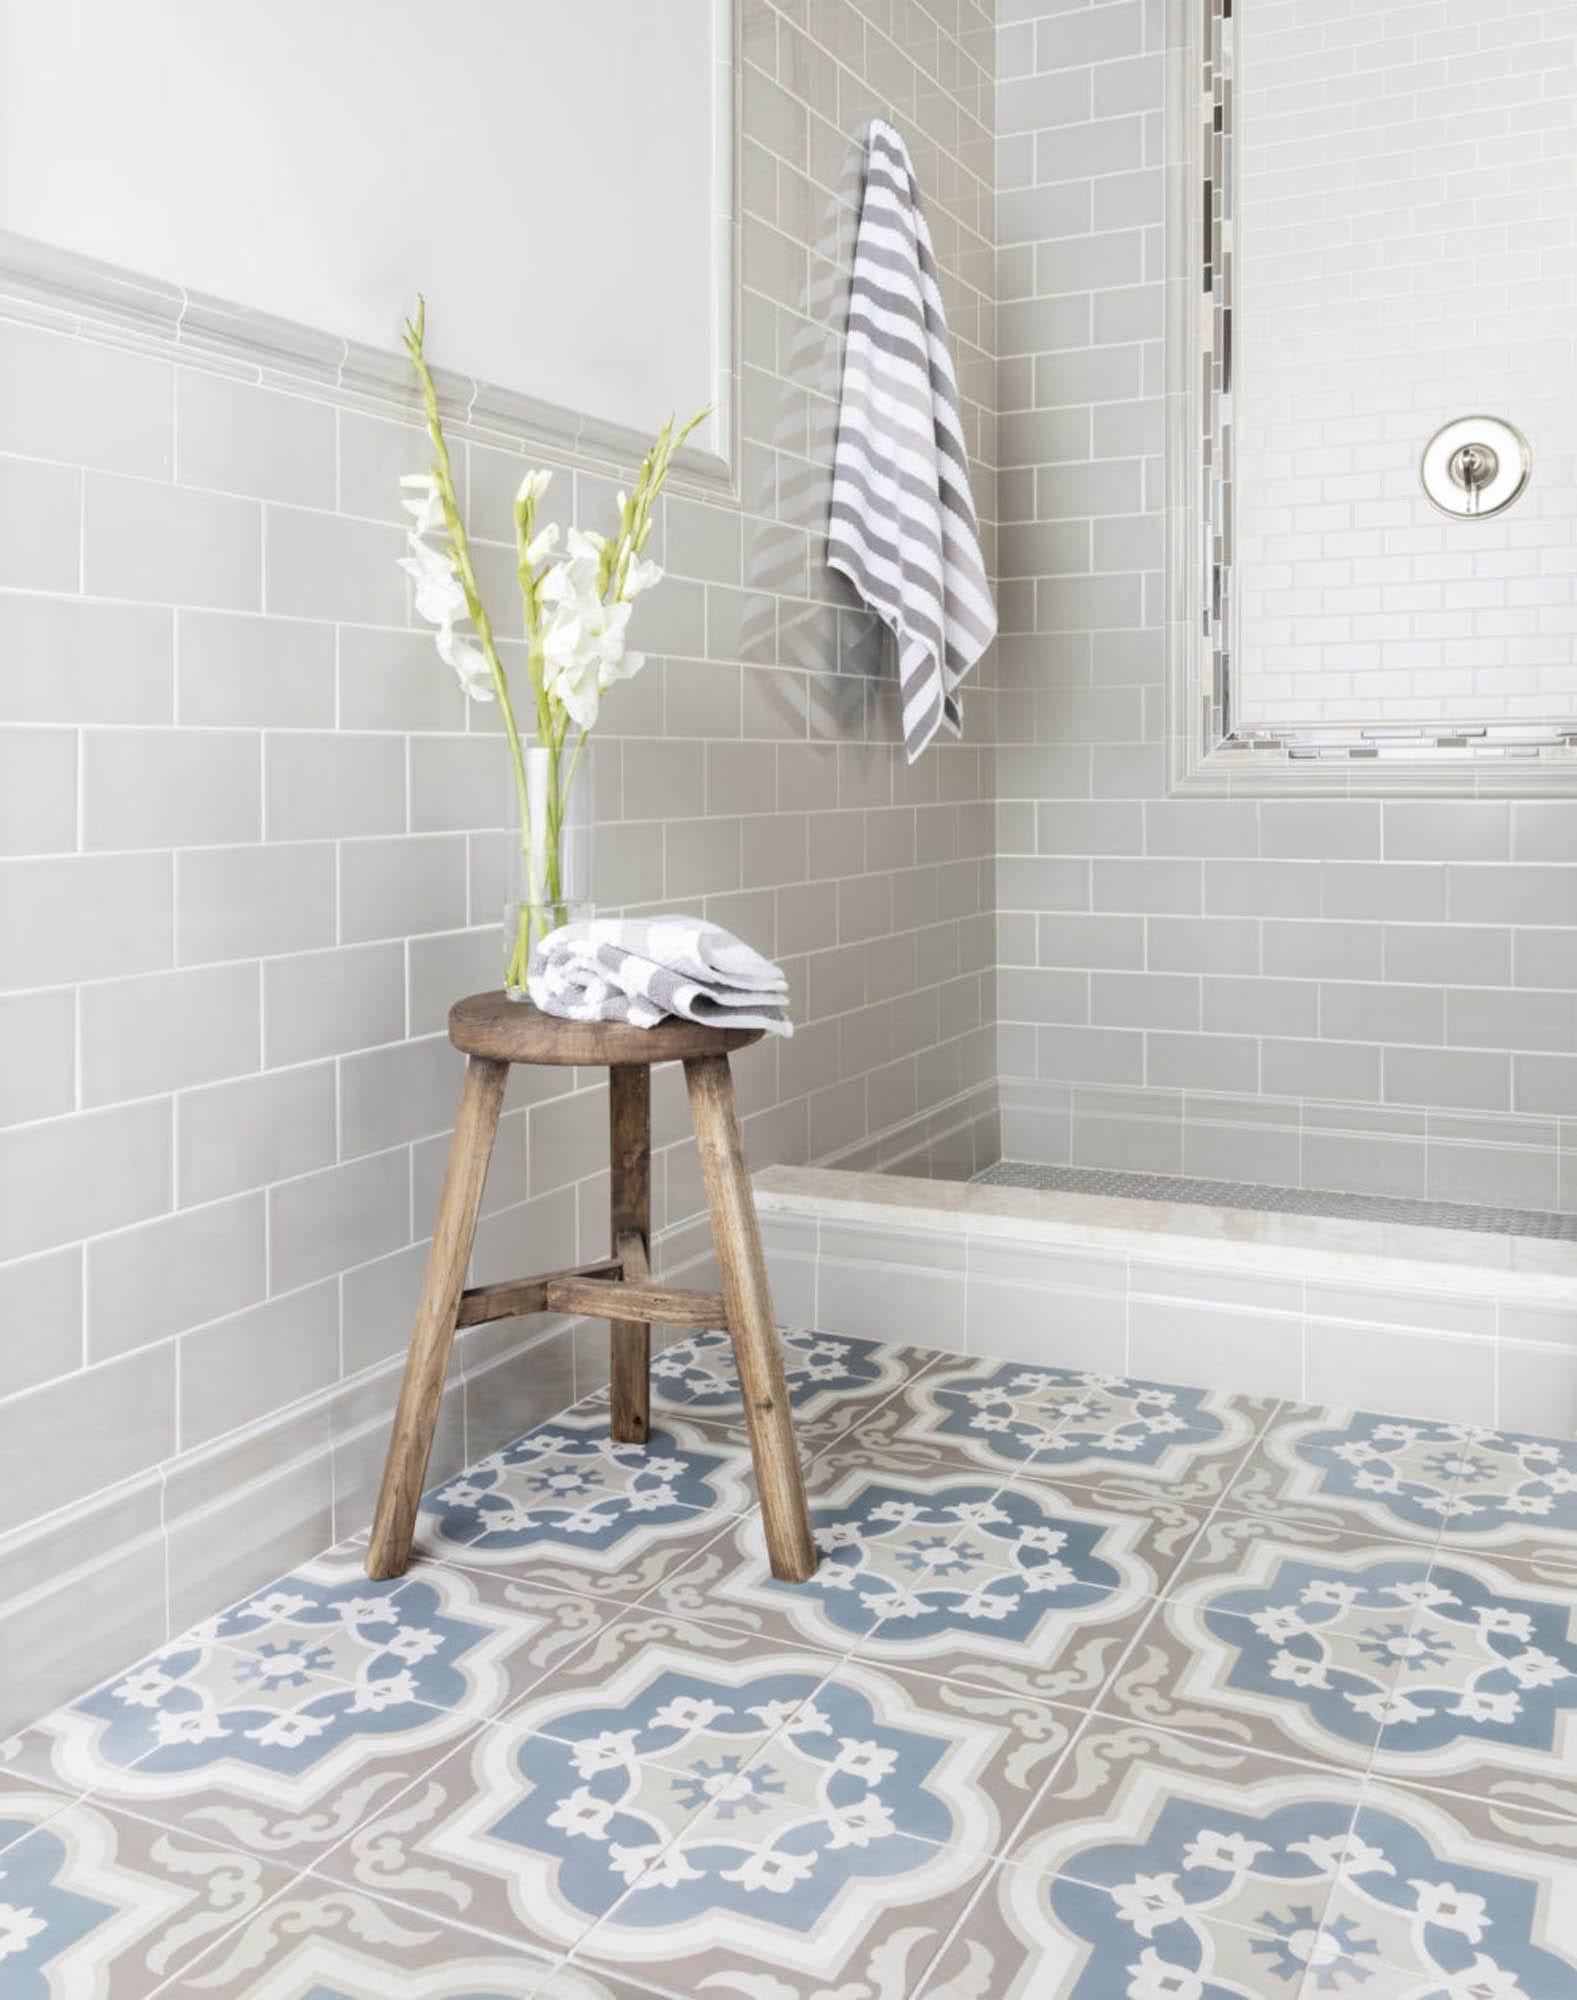 How to Achieve Modern Farmhouse Design with Tile - The ... on Farmhouse Tile Bathroom Floor  id=14524